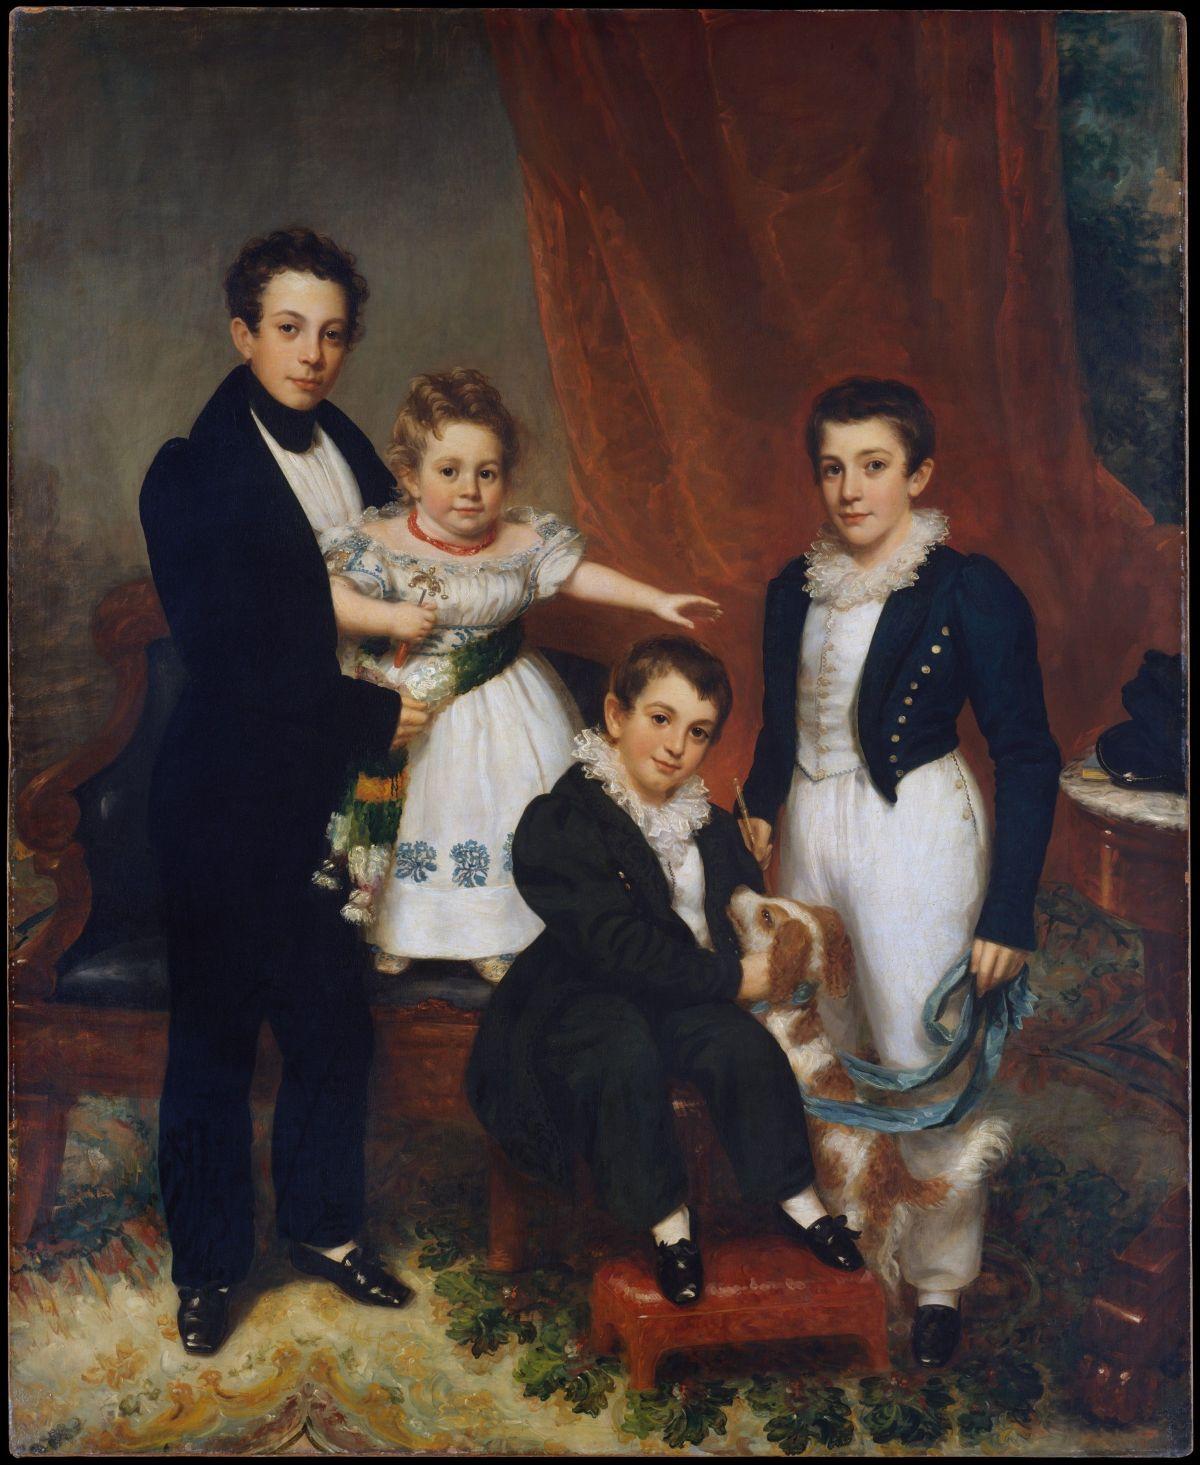 The Knapp Children by Samuel Lovett Waldo